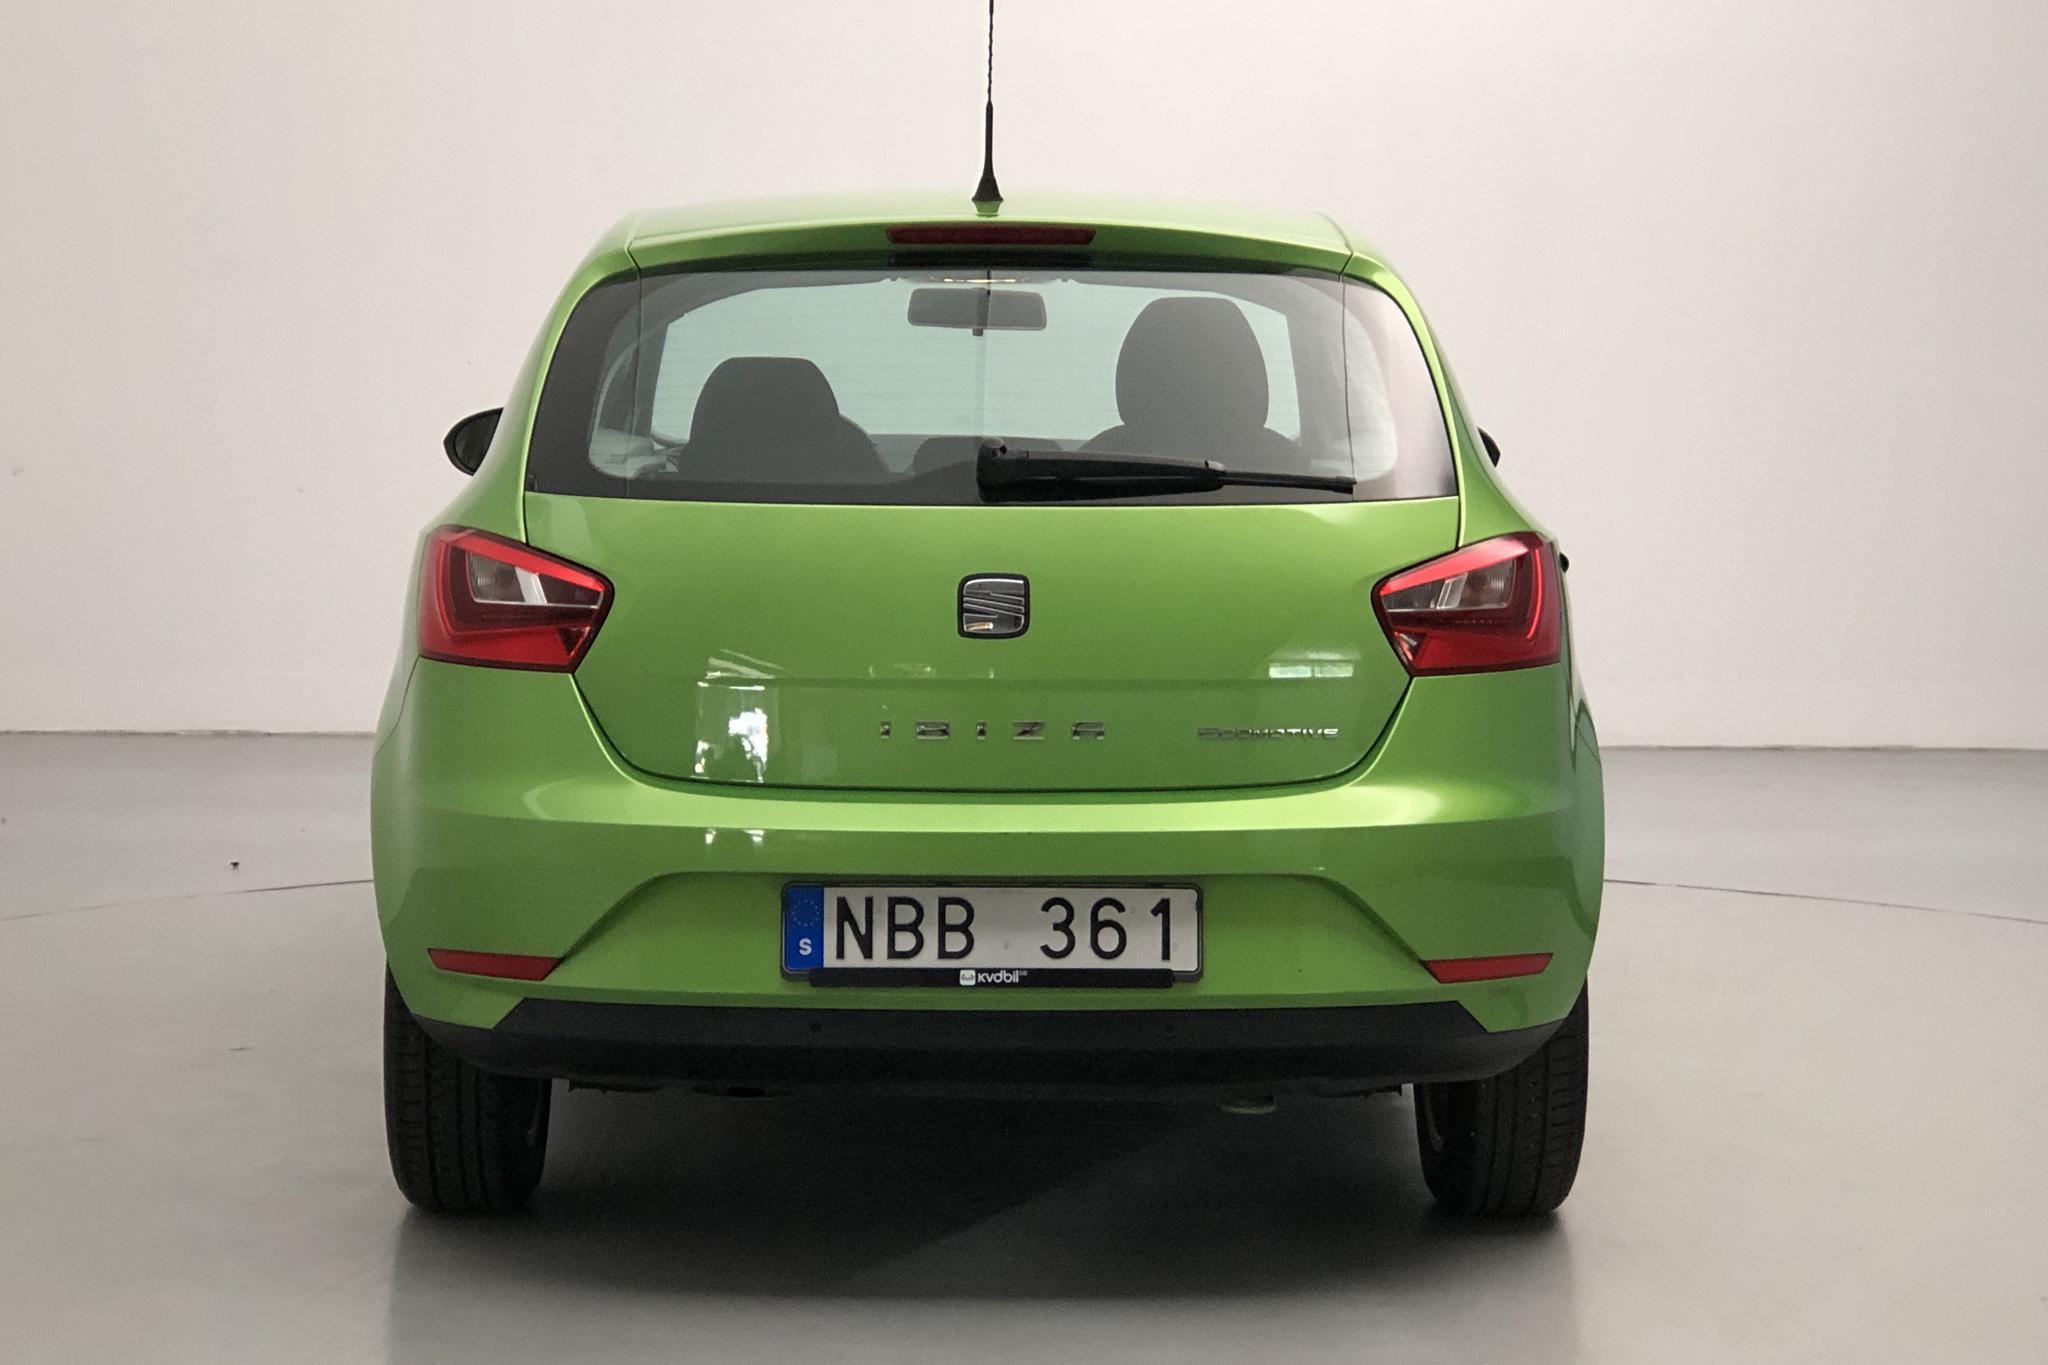 Seat Ibiza 1.2 TSI 5dr (105hk) - 130 190 km - Manual - green - 2013